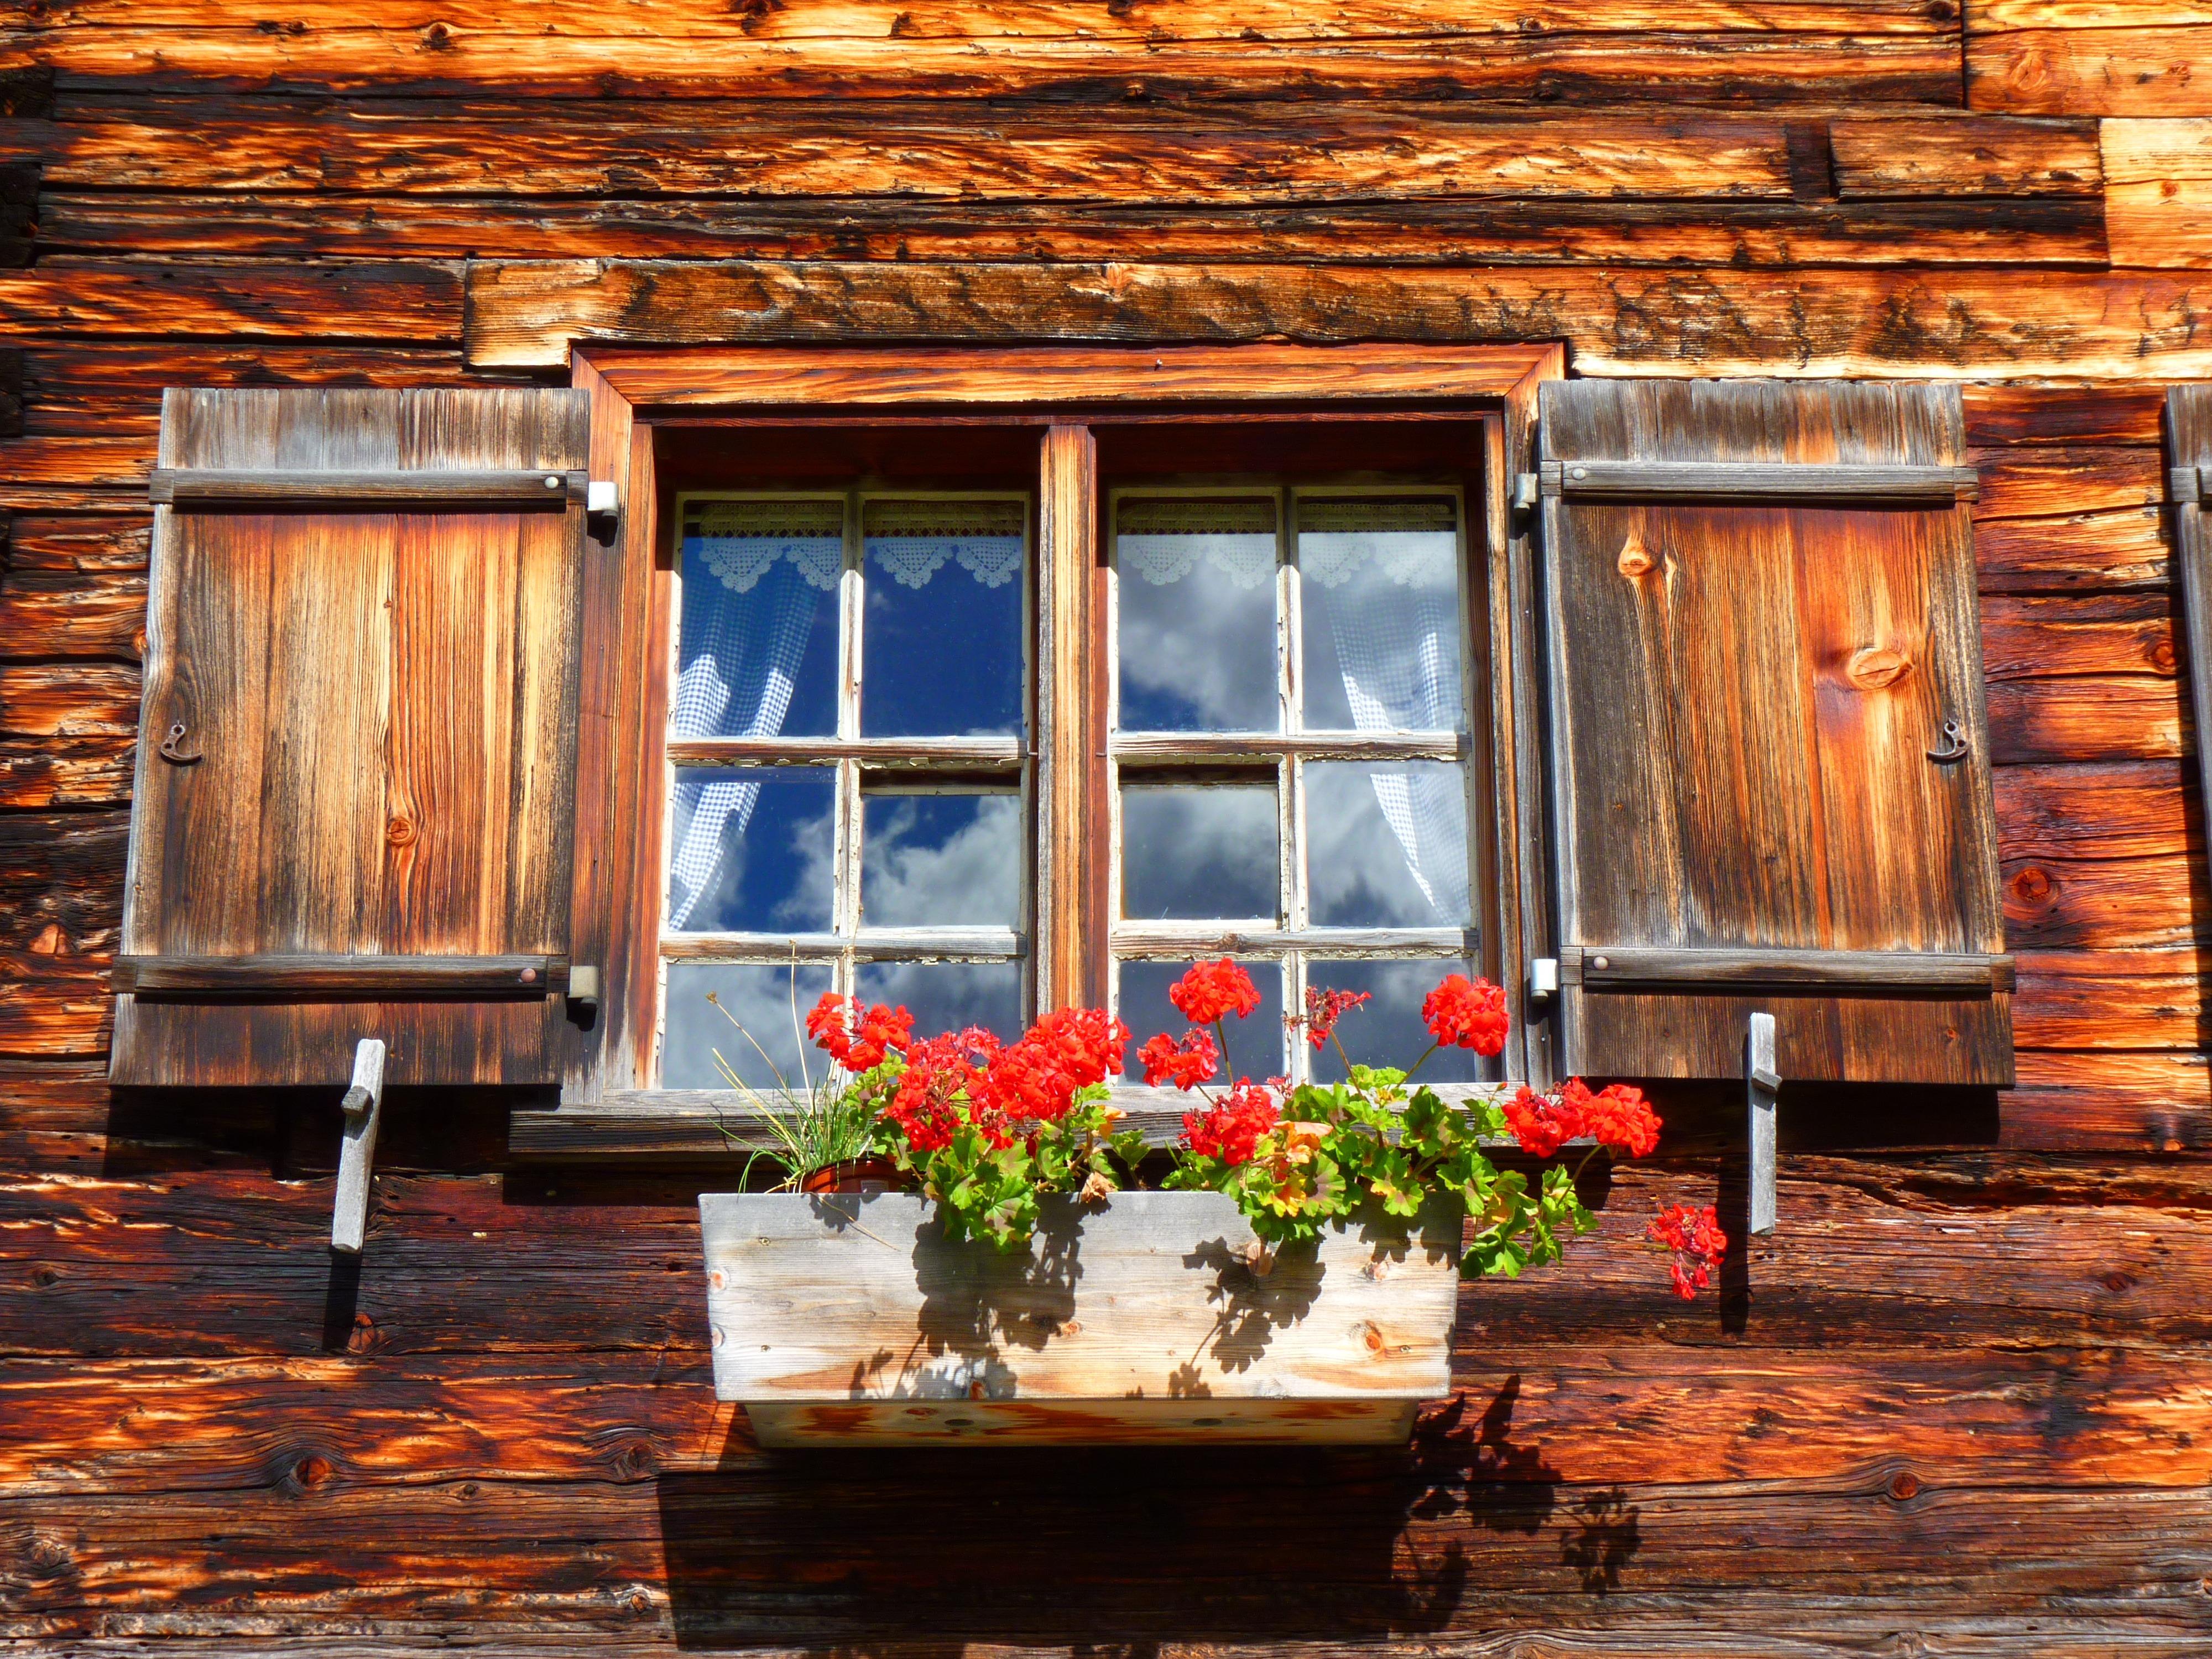 окна в деревенских домах фото правило, открытки